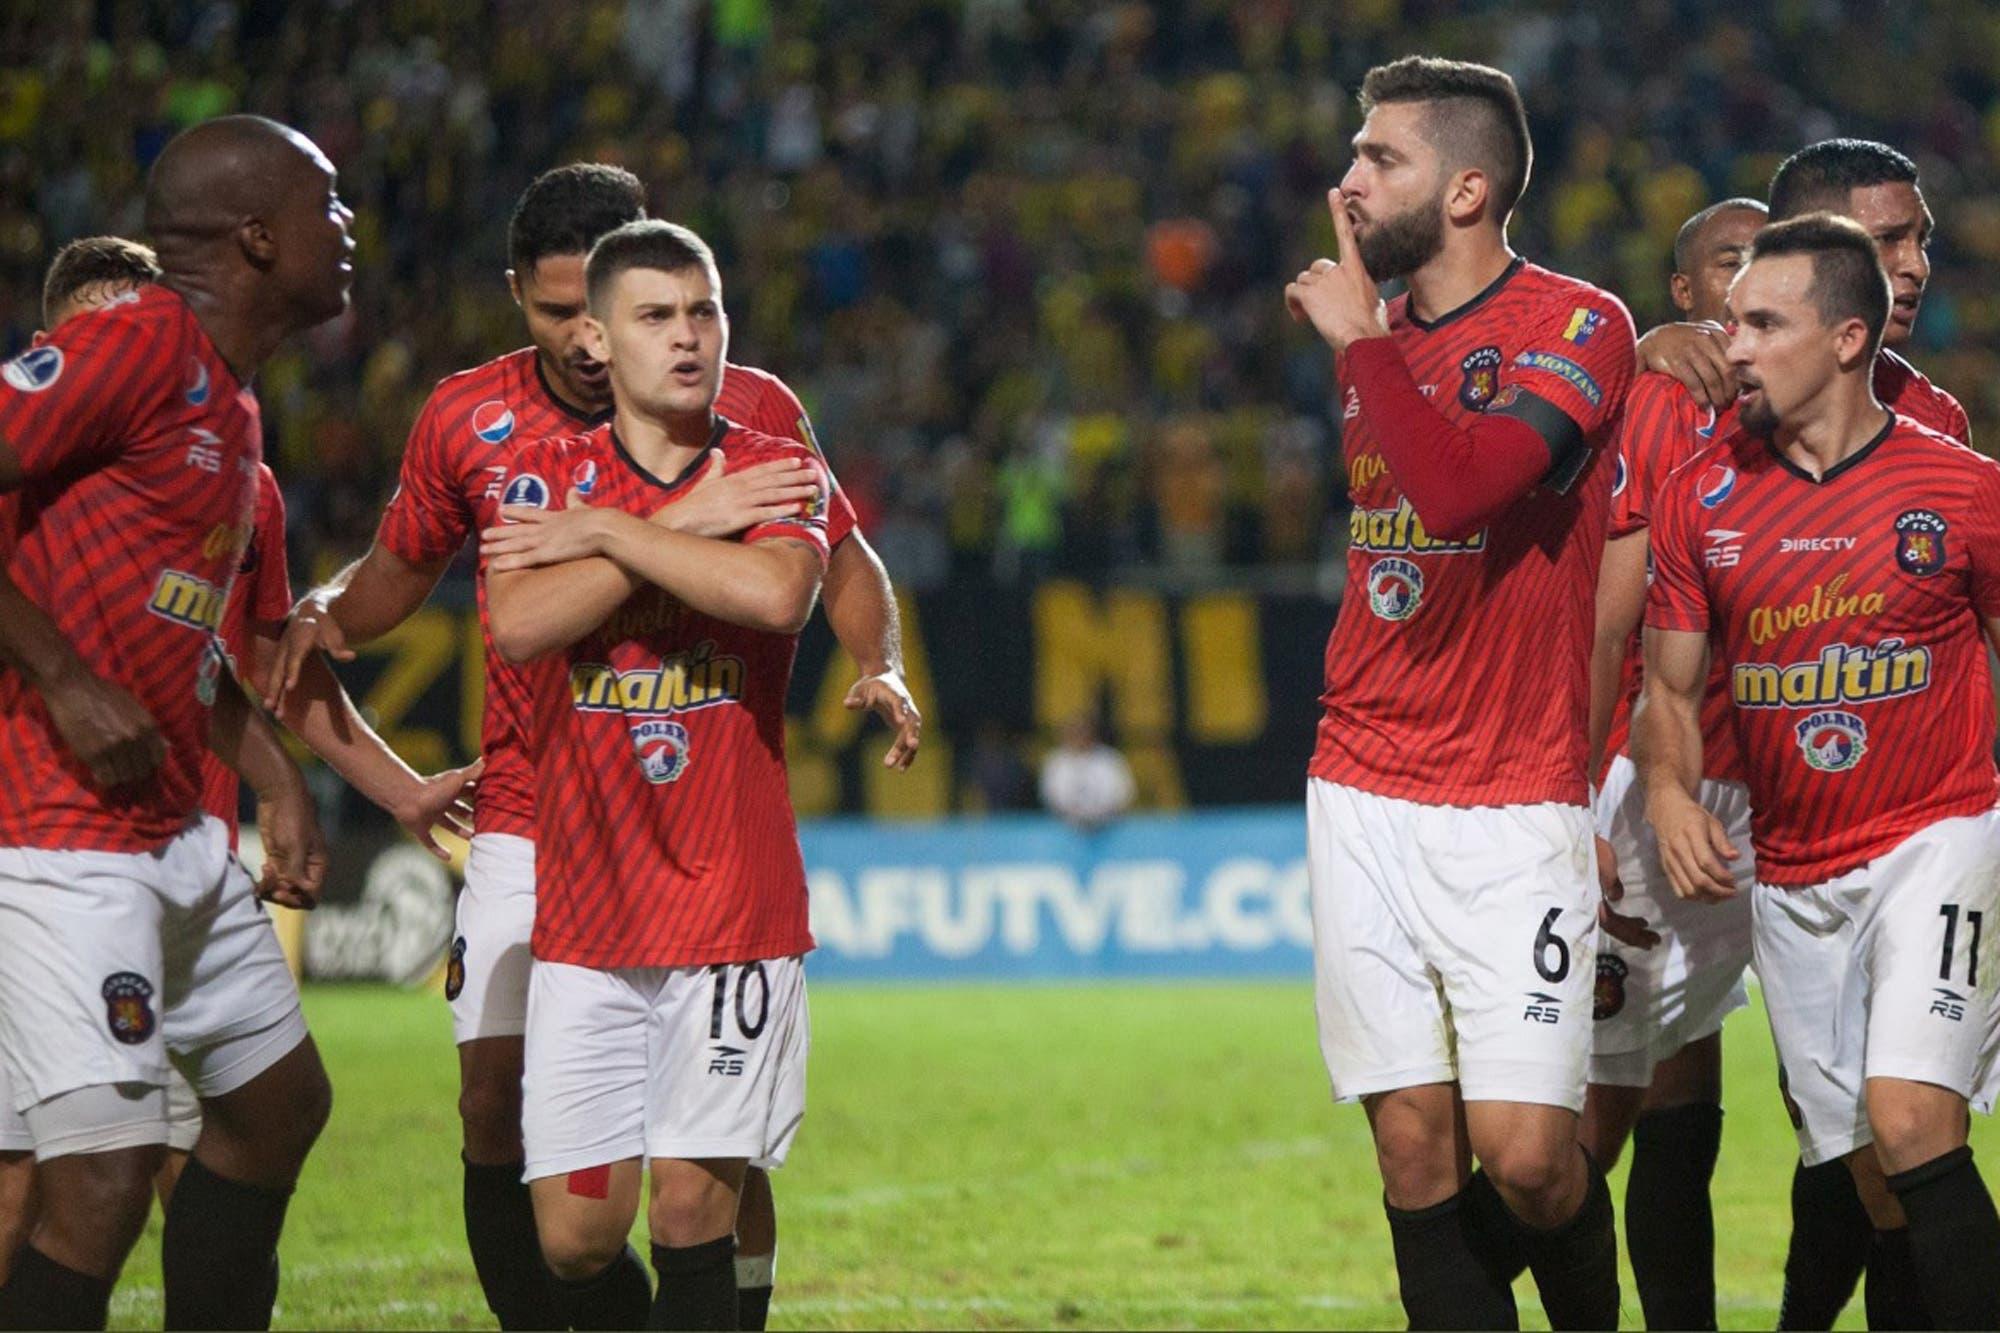 Cómo están hoy Libertad y Caracas FC, rivales de Boca en la Copa Libertadores 2020